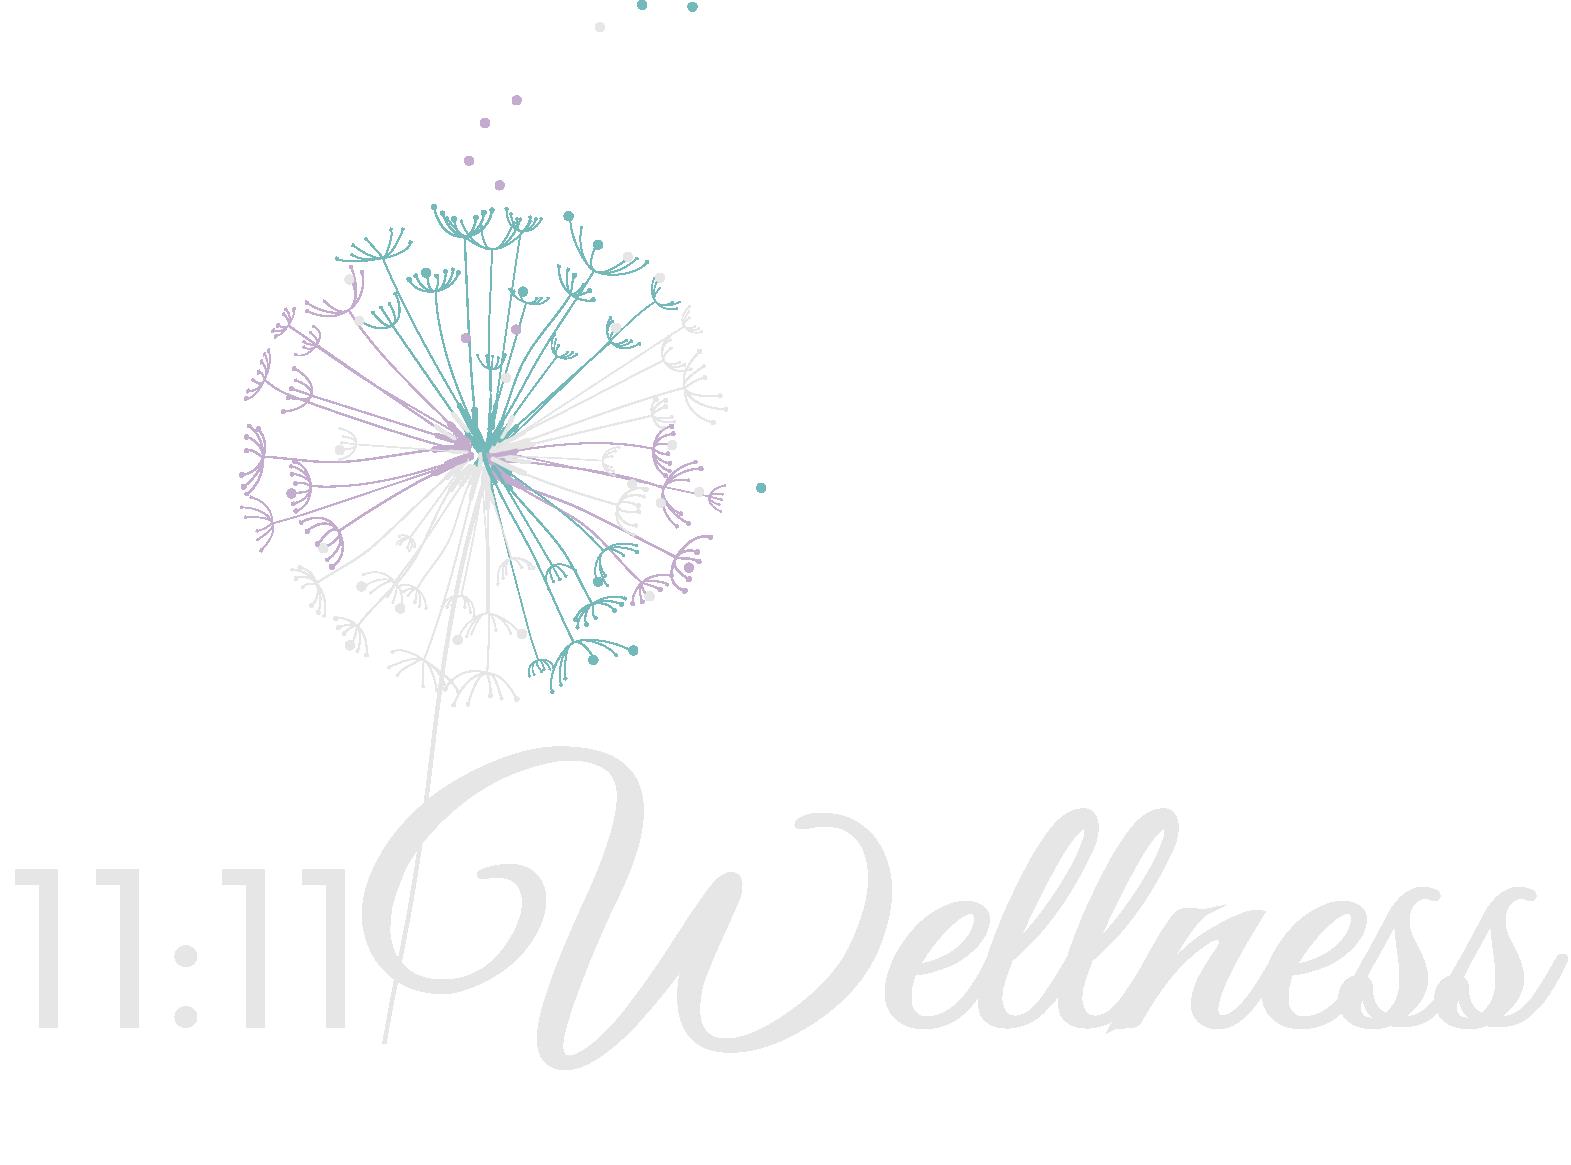 11:11 Wellness